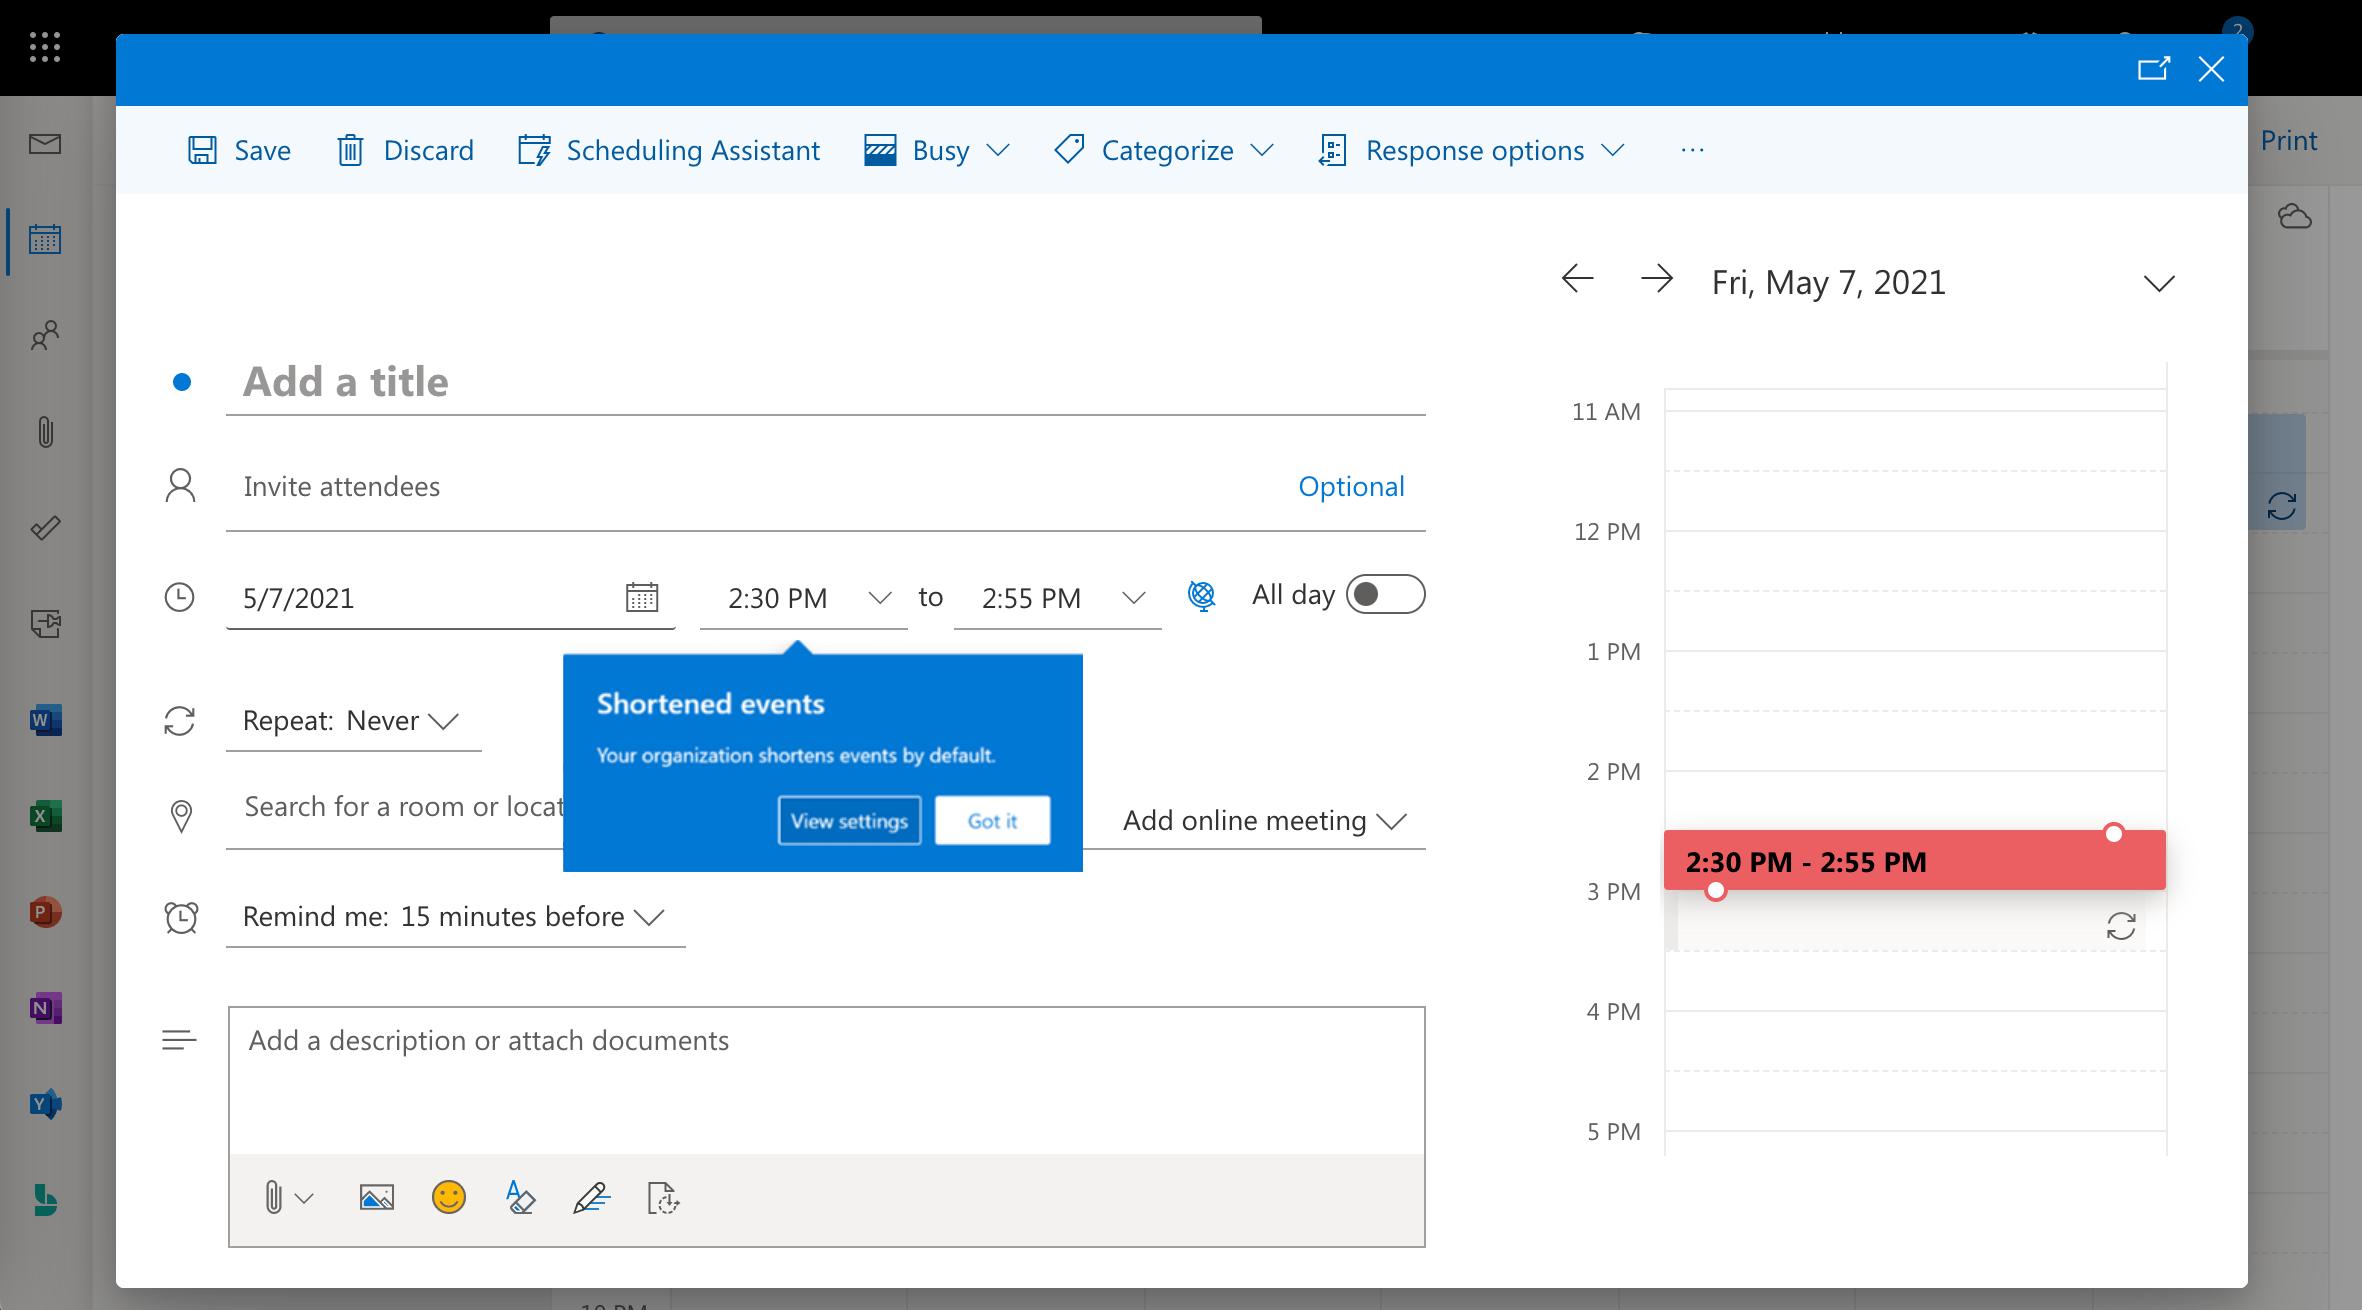 Outlook warning screenshot about default breaks between remote meetings